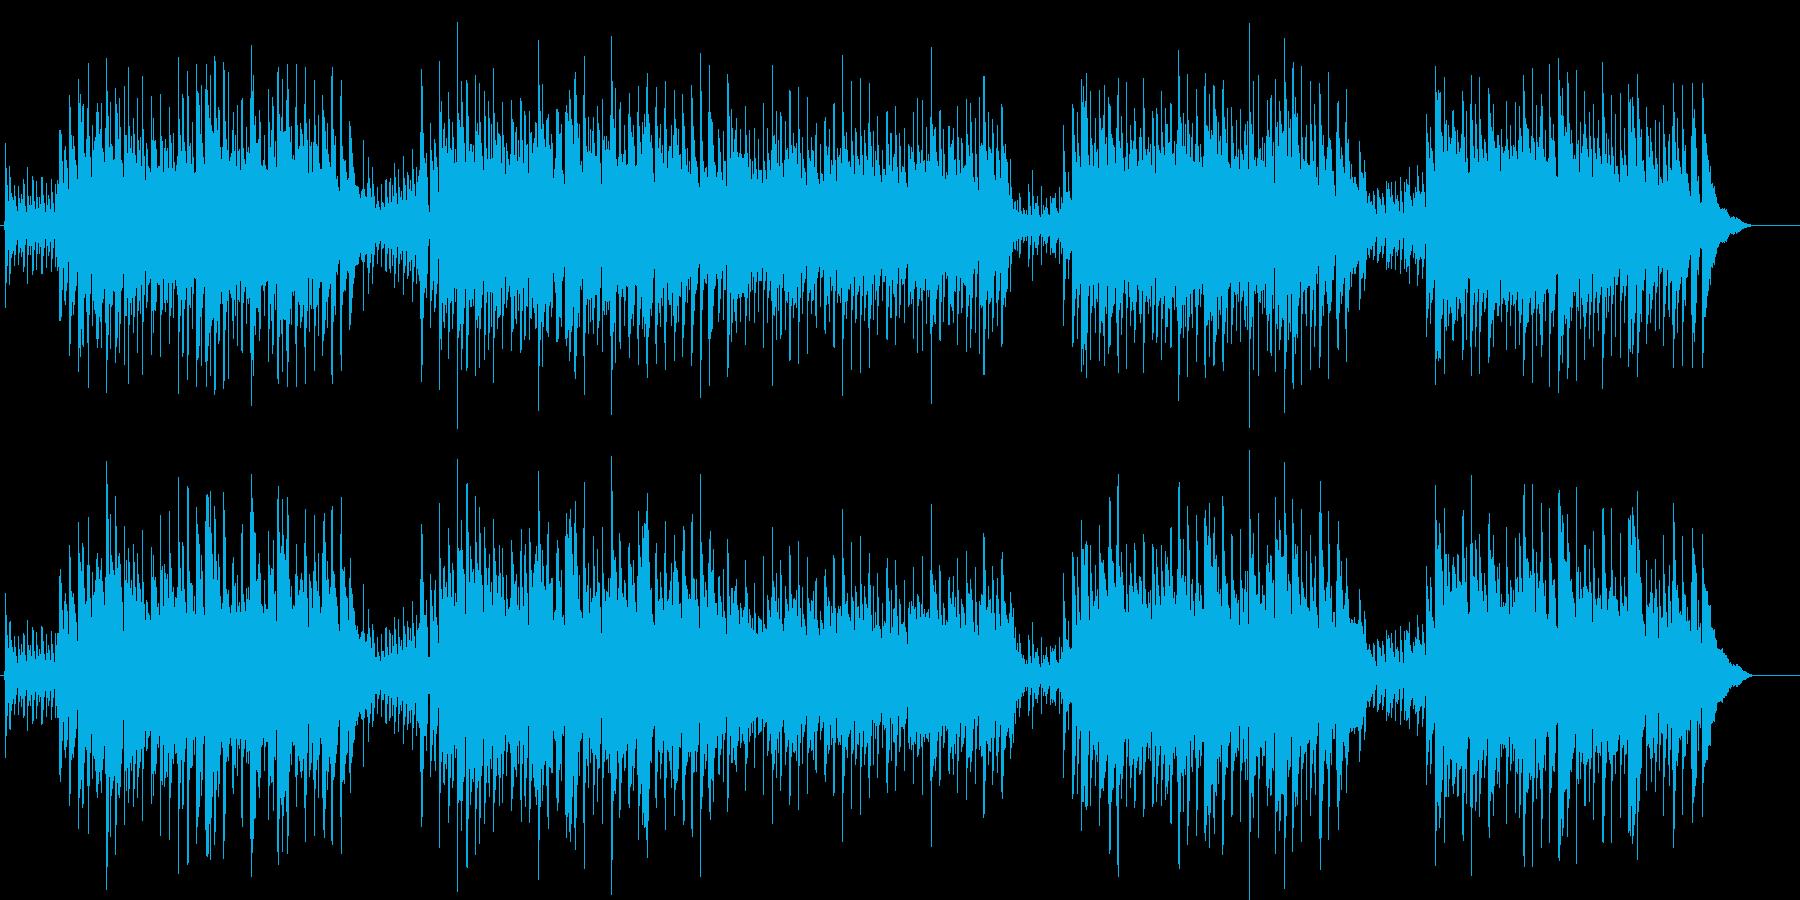 秋 大きな栗の木の下で アコギカントリーの再生済みの波形